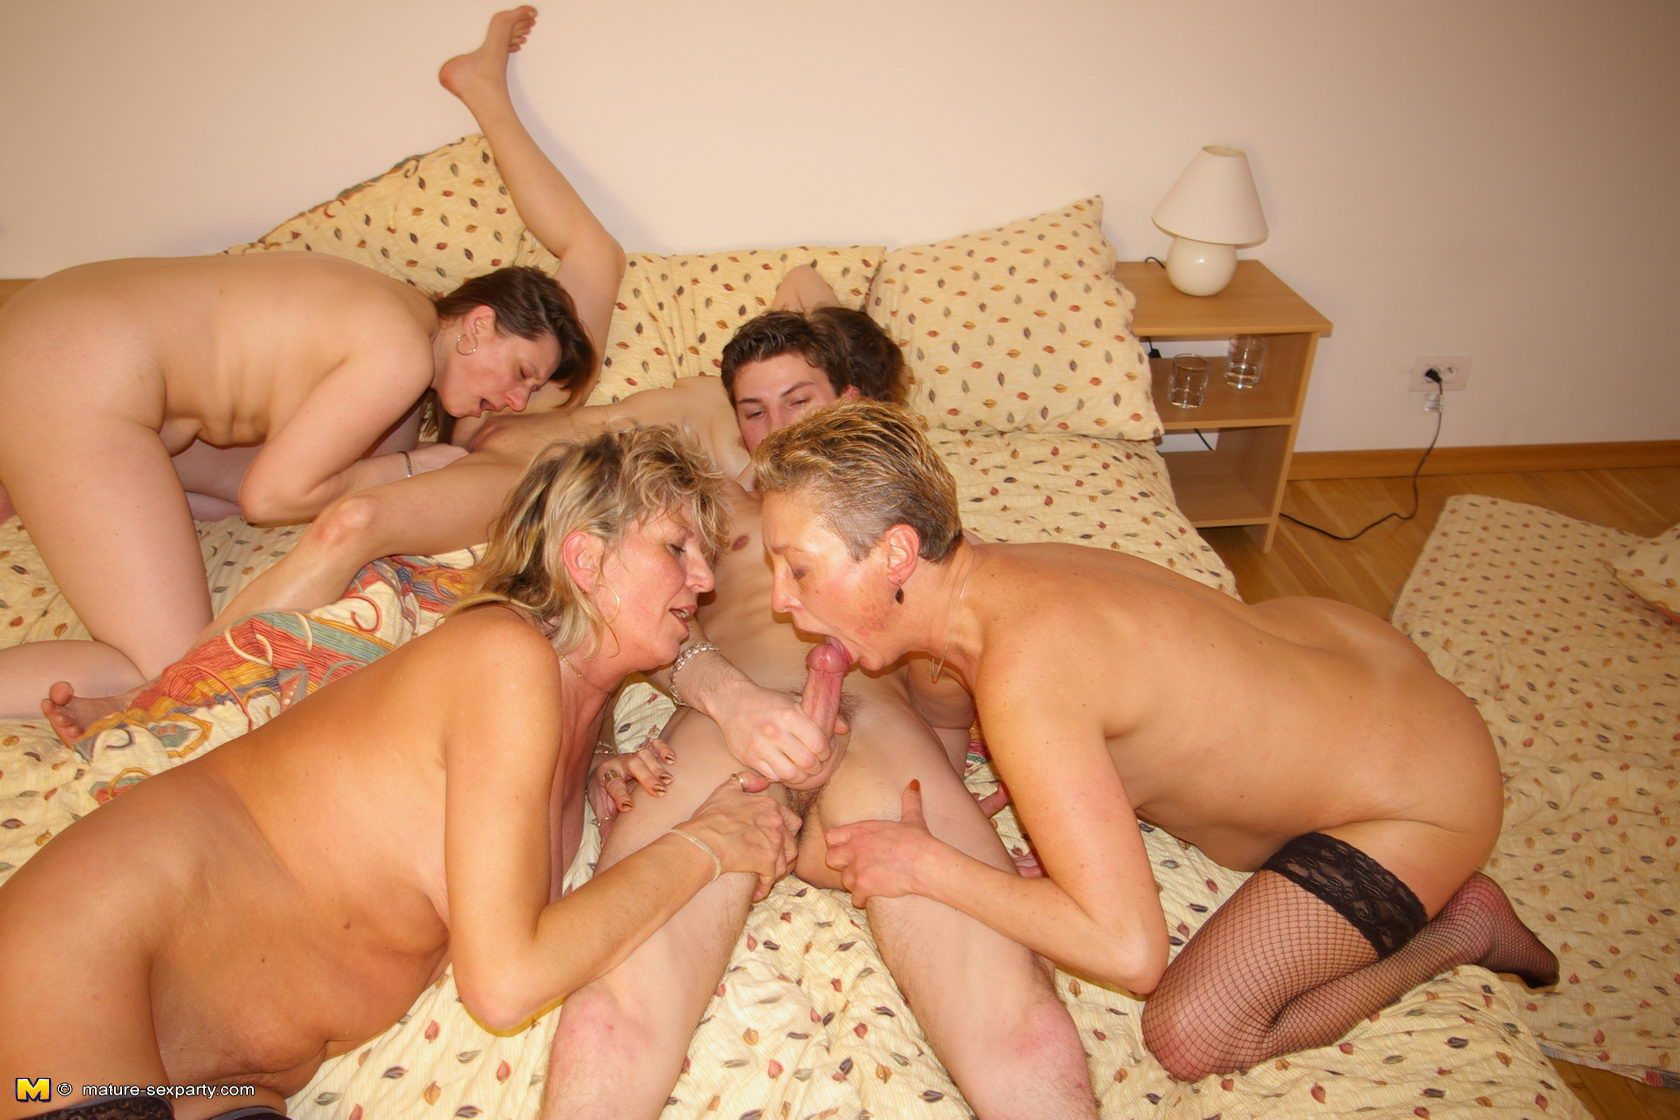 Wild naked mature ladiess